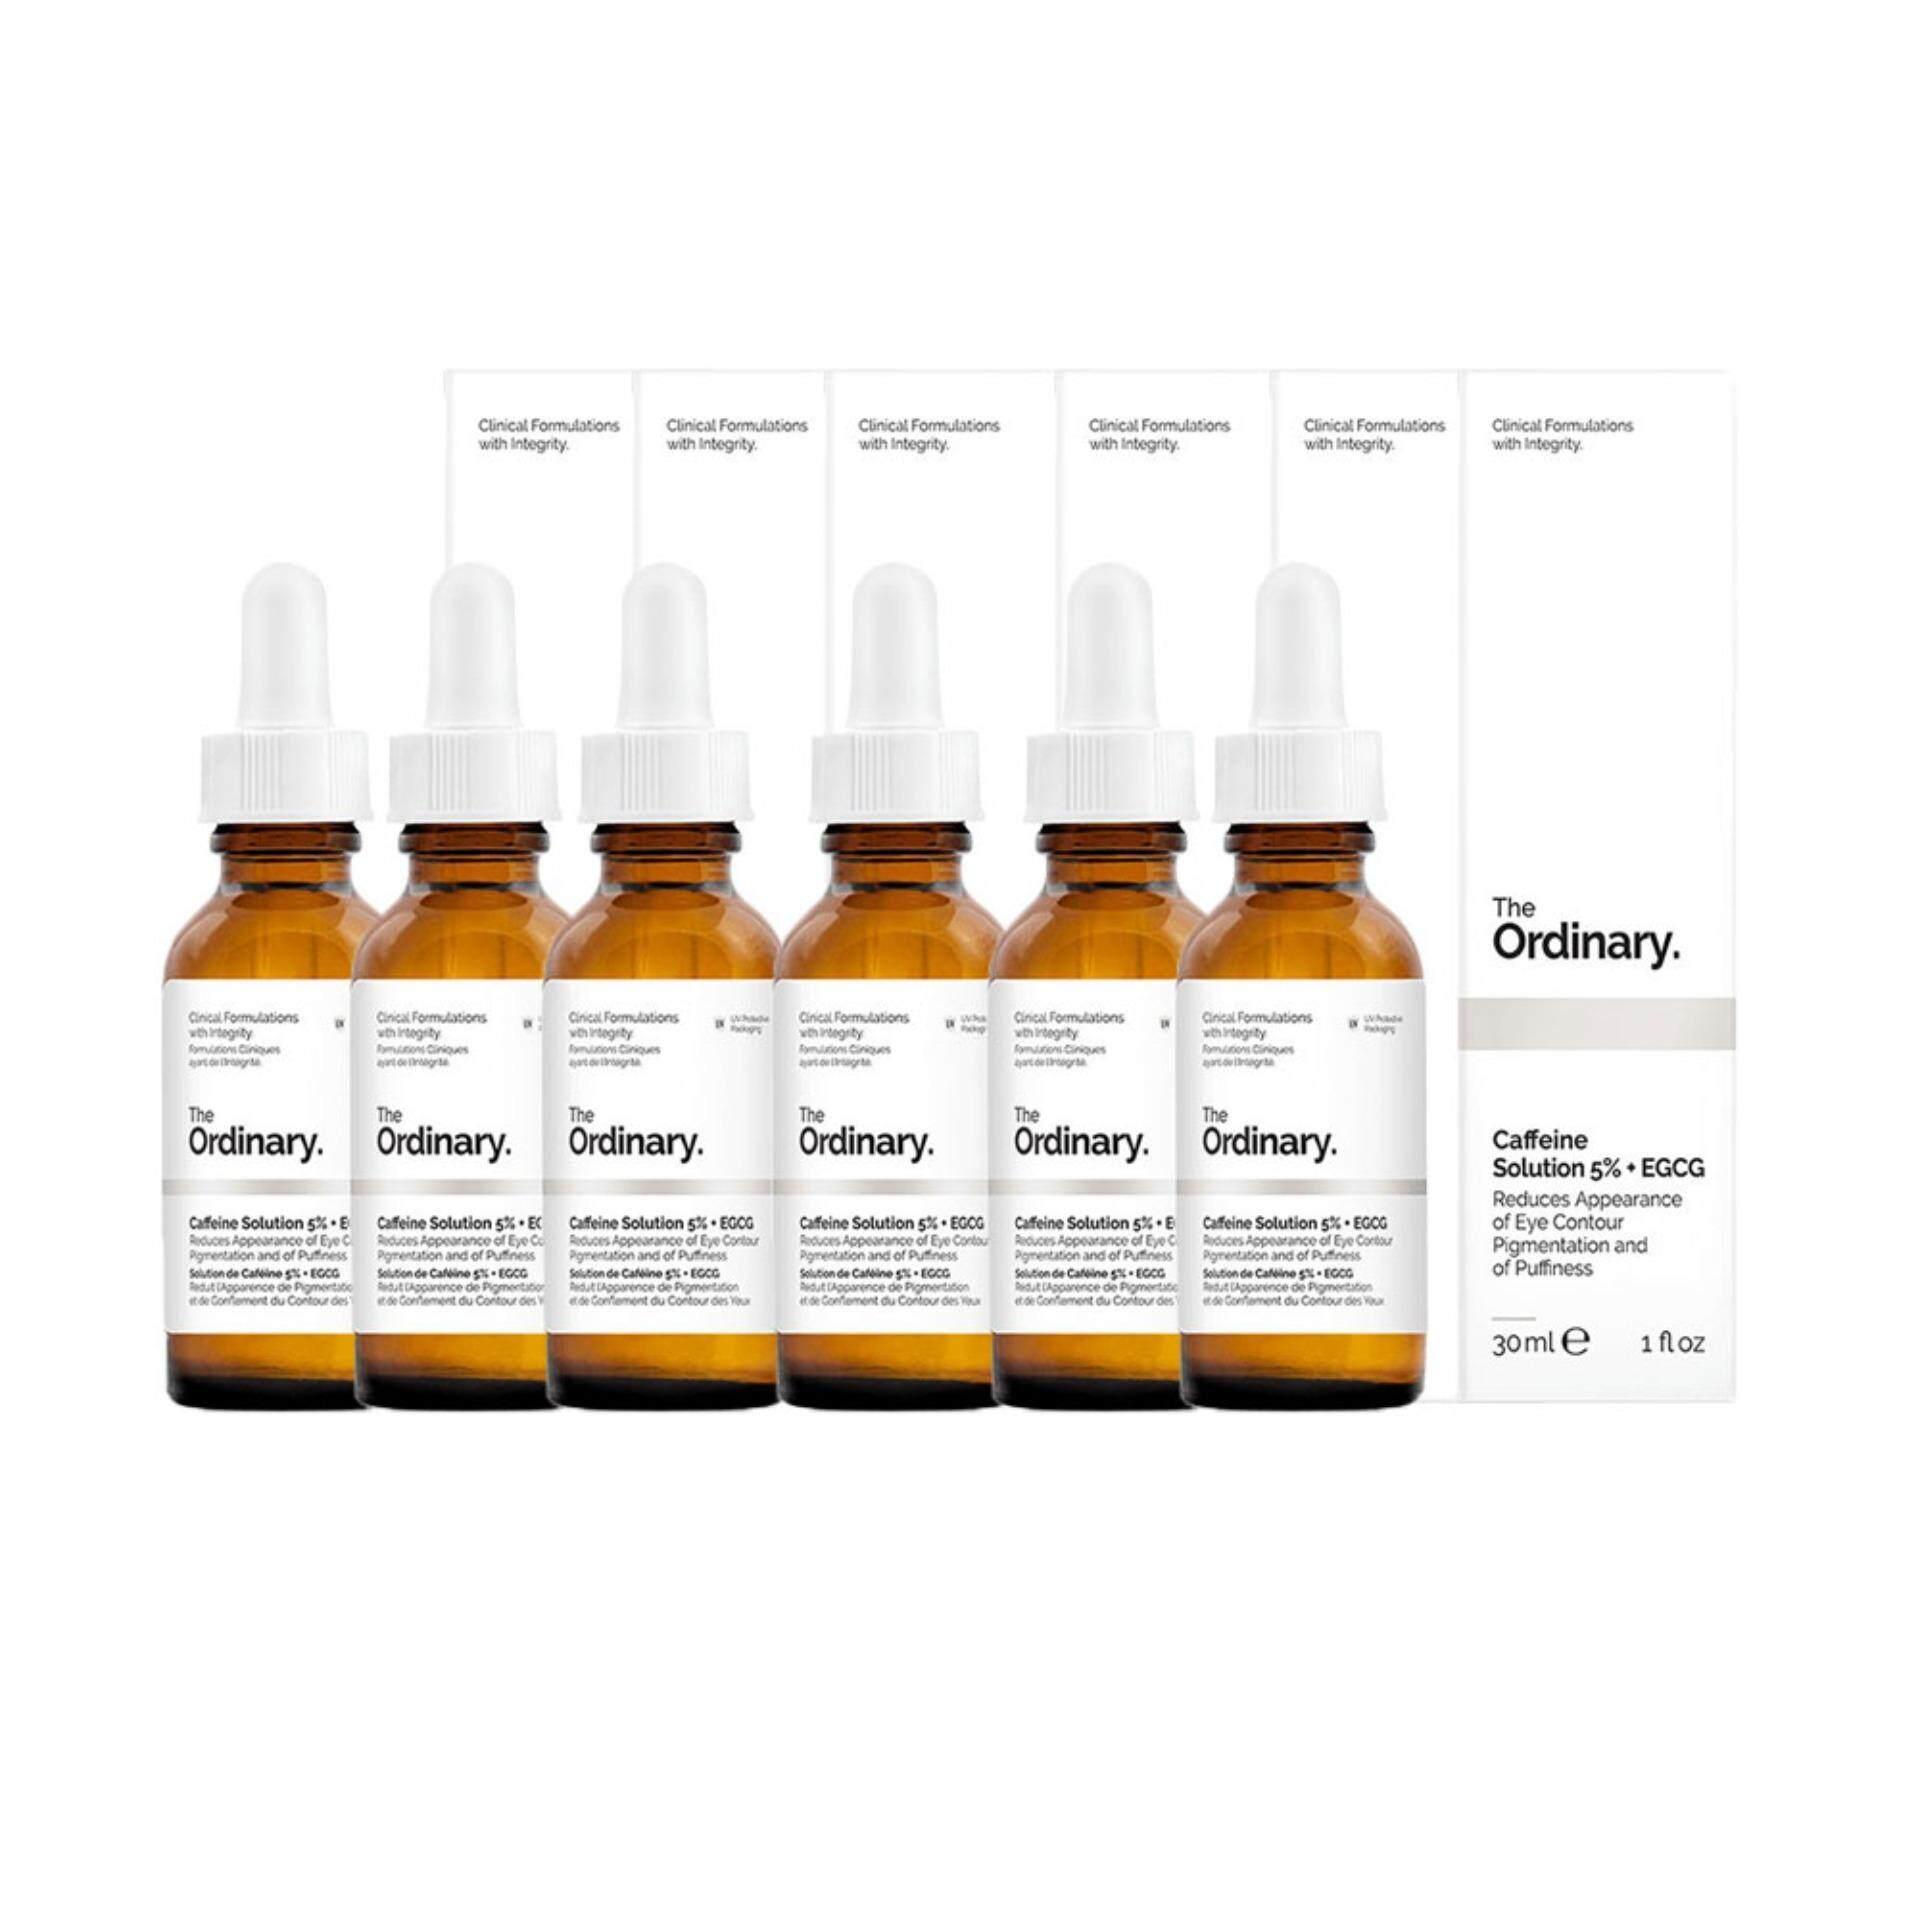 The Ordinary Caffeine Solution 5% EGCG กระชับผิวบริเวณรอบดวงตา ลดความดำคล้ำให้ดูสดใสขึ้น 30ml 6 กล่อง